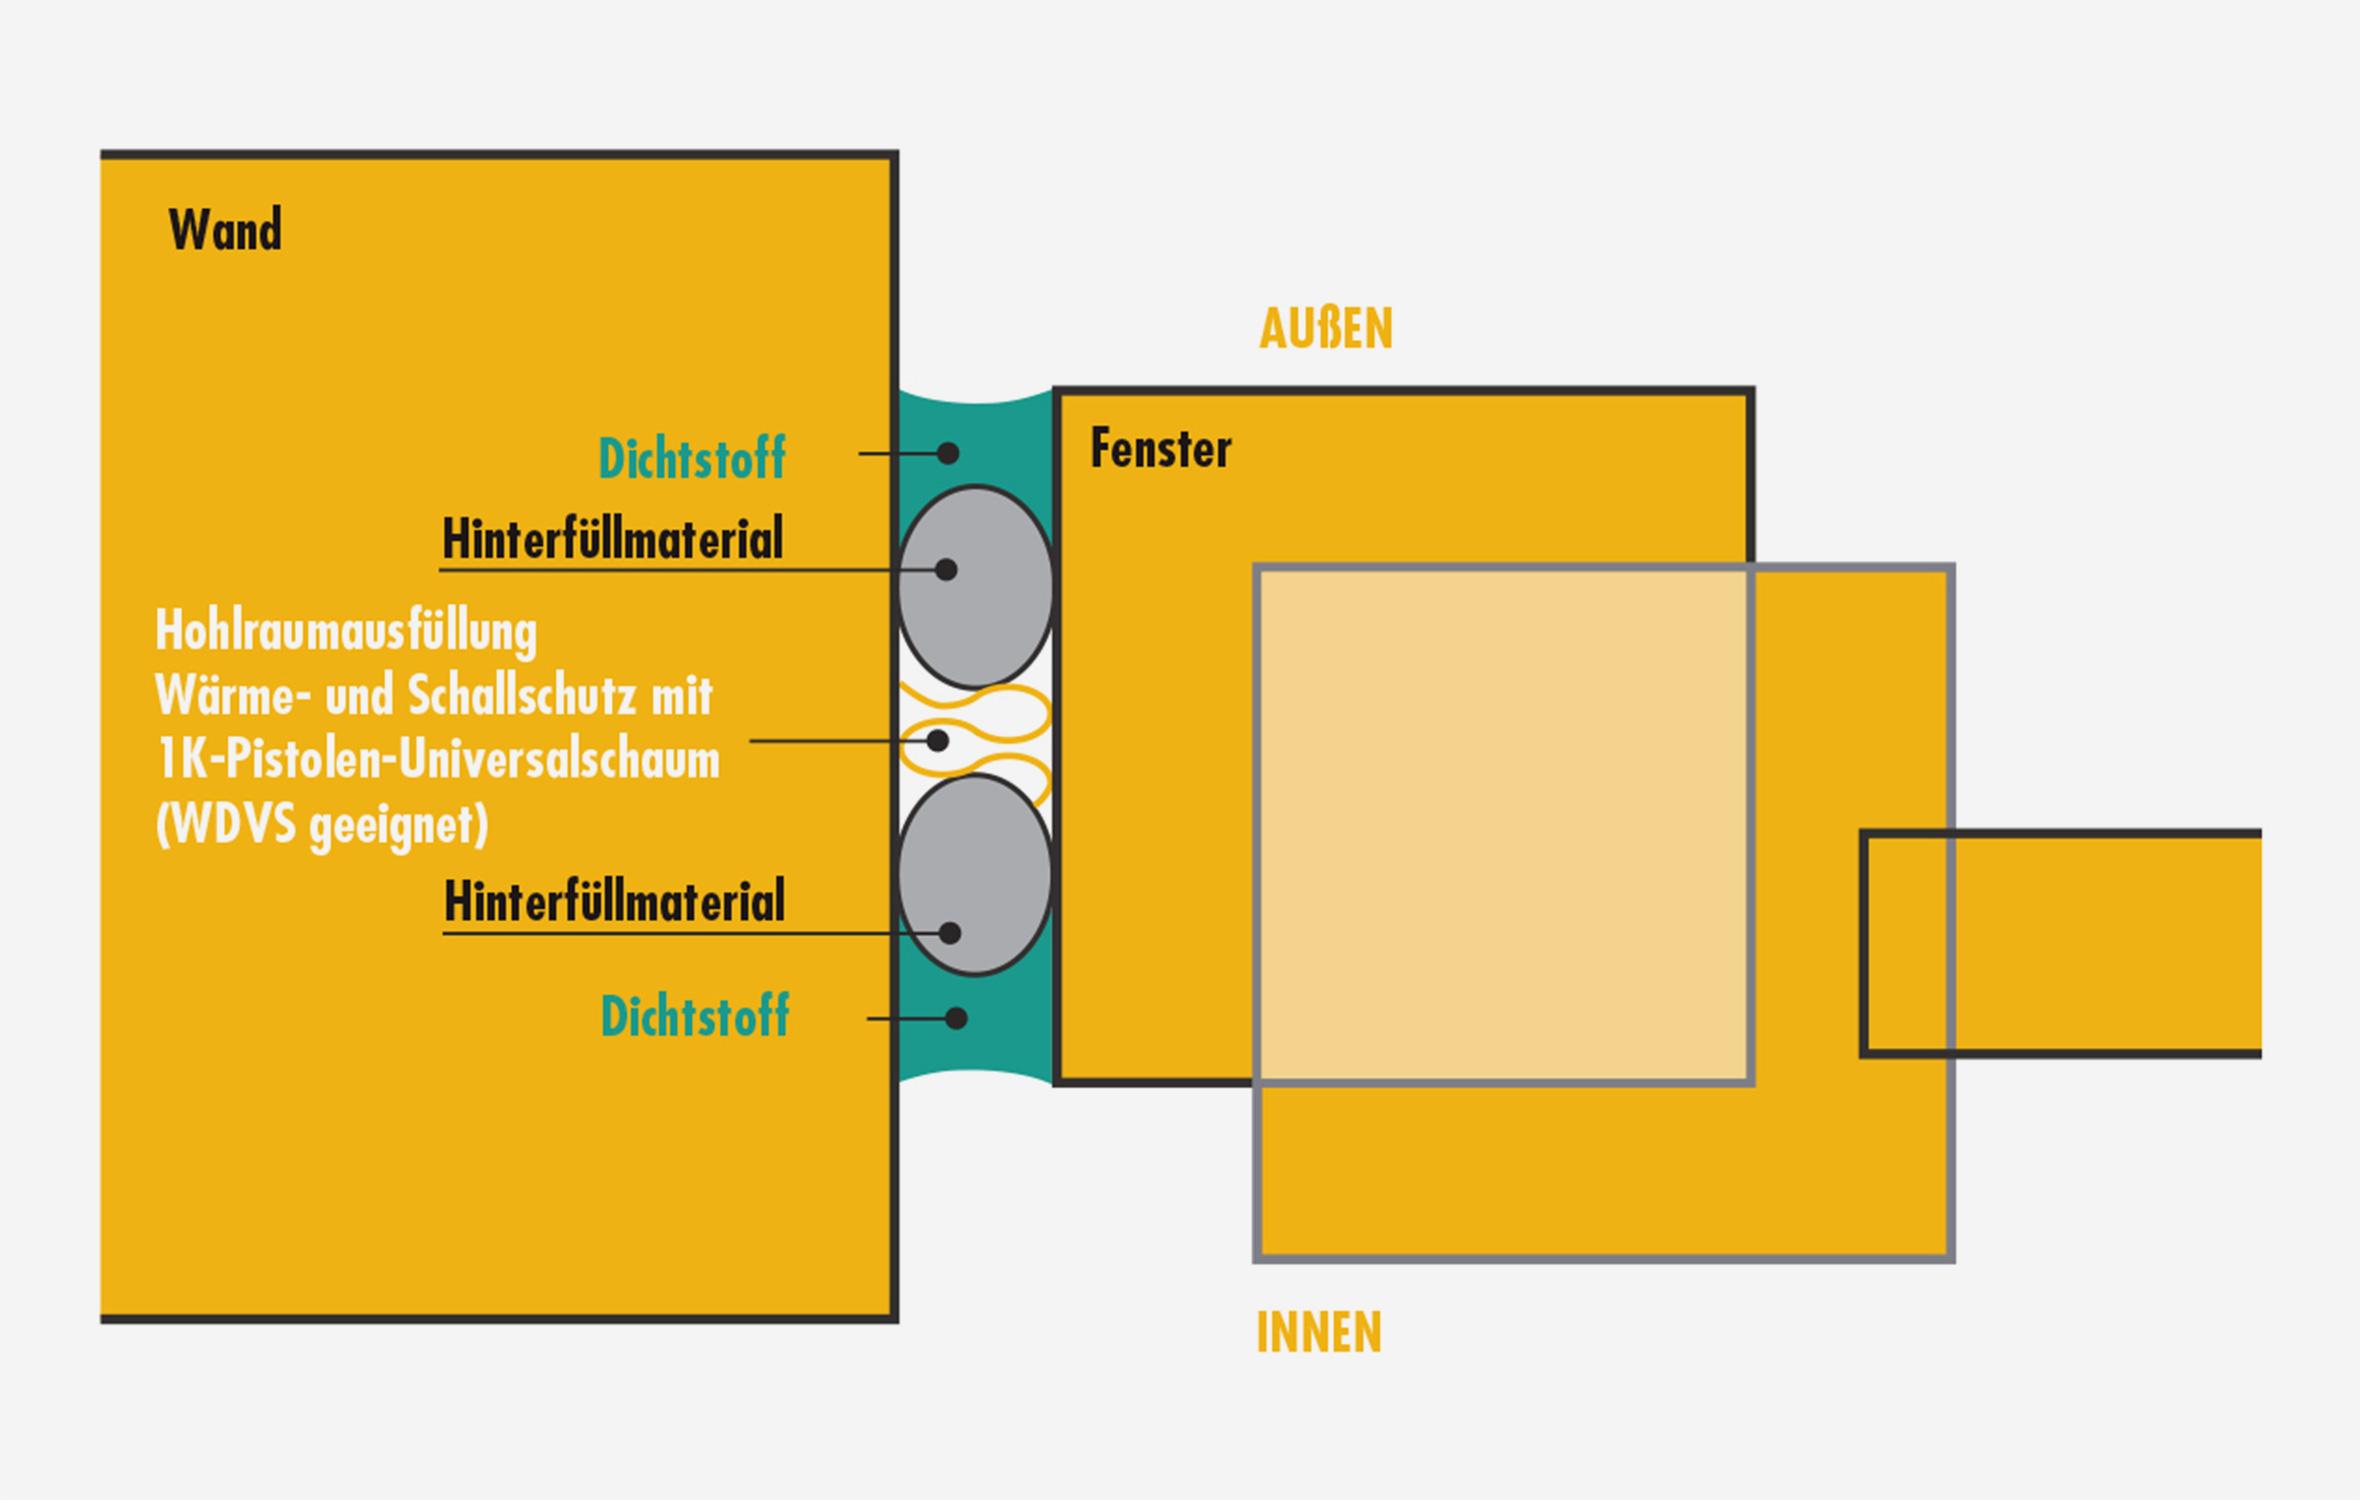 Full Size of Fenster Schallschutz Sista Und Auentren Drutex Test Holz Alu Rahmenlose Folie Für Gitter Einbruchschutz Austauschen Mit Rolladenkasten Sichtschutzfolien Fenster Fenster Schallschutz